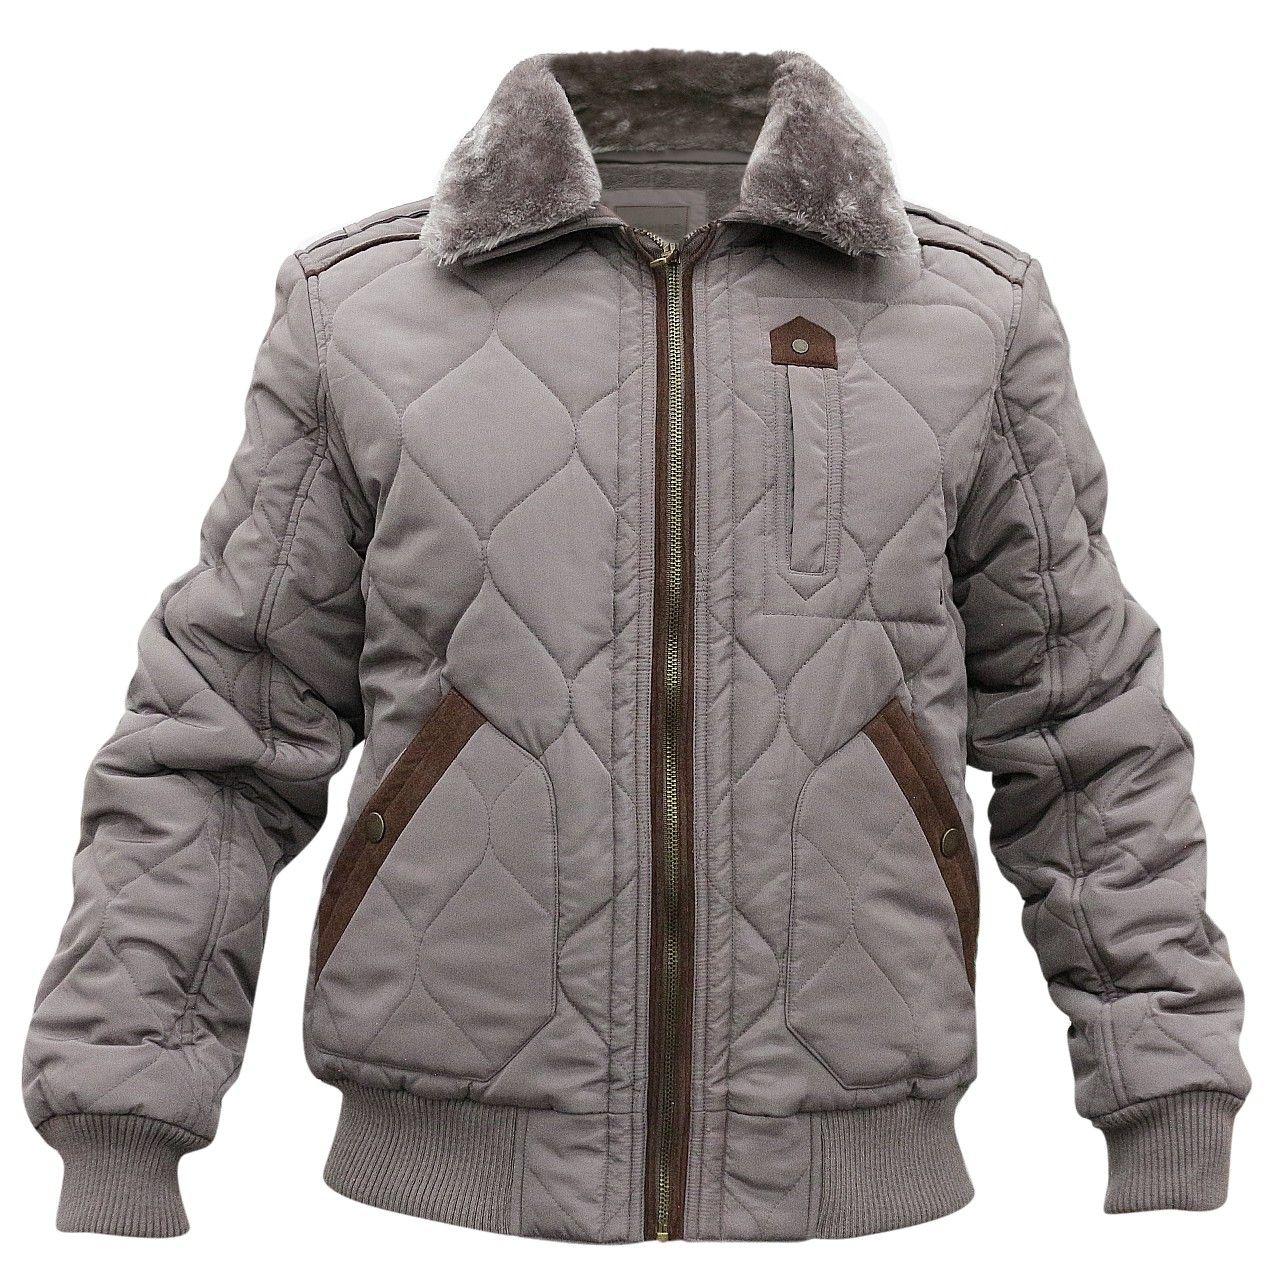 #jacket #style #moda #otoño #invierno #hombre #look